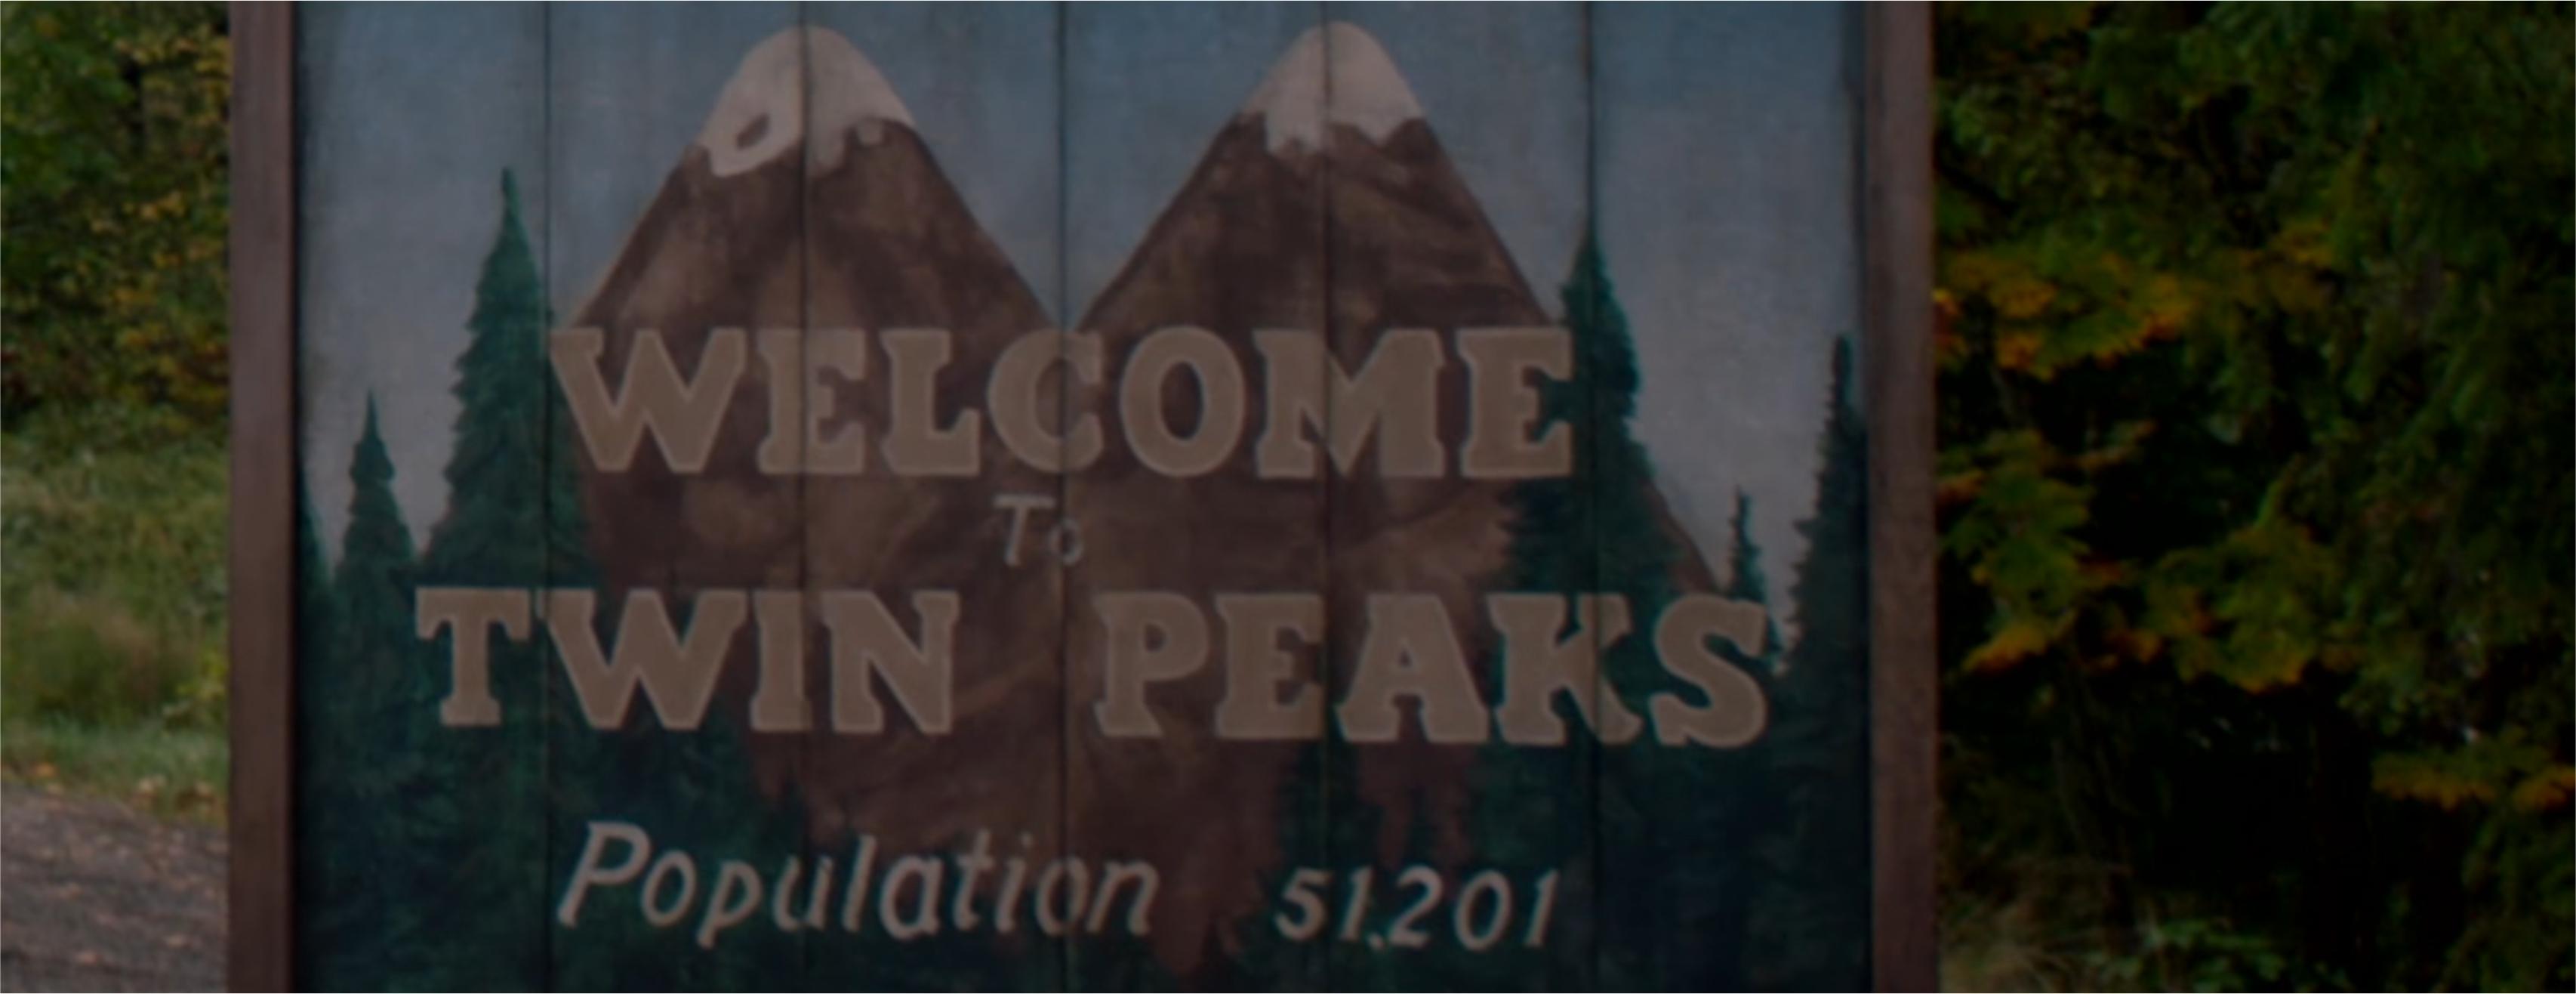 twin-peaks-terceira-temporada-showtime